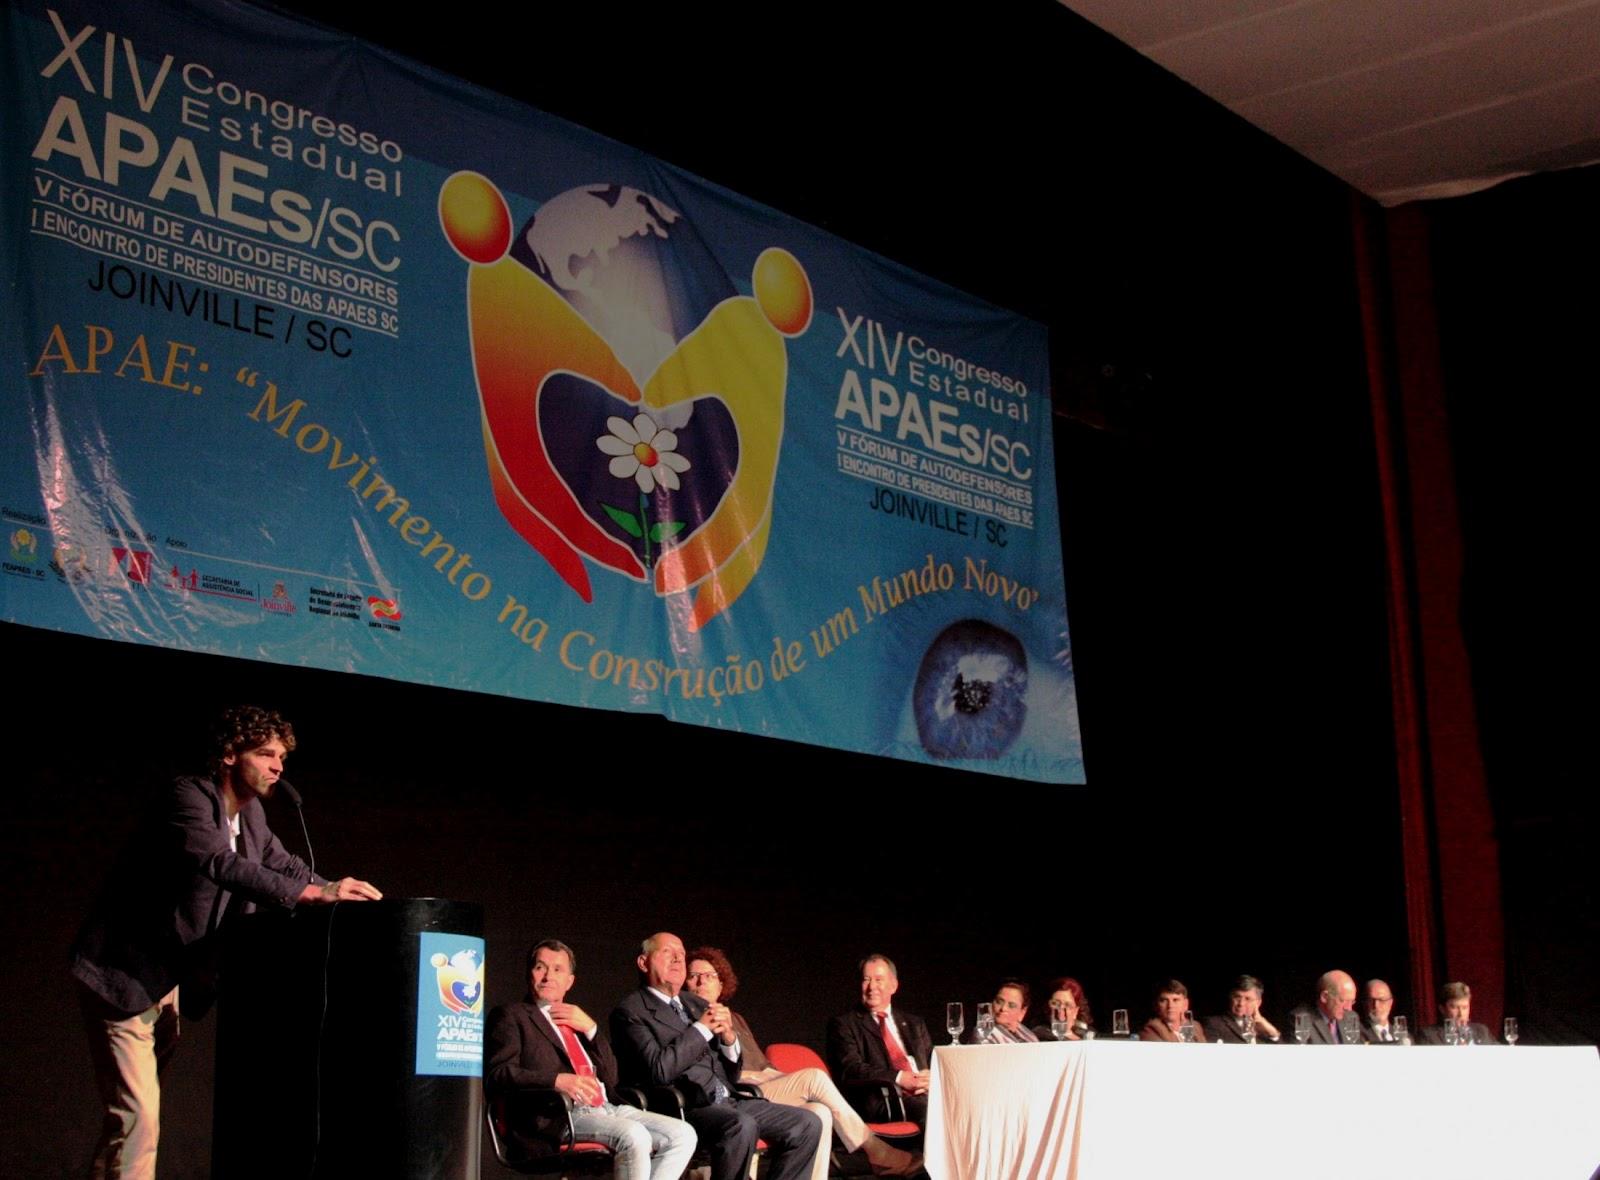 APAES: Governo de SC estuda novo modelo de relacionamento com as instituições